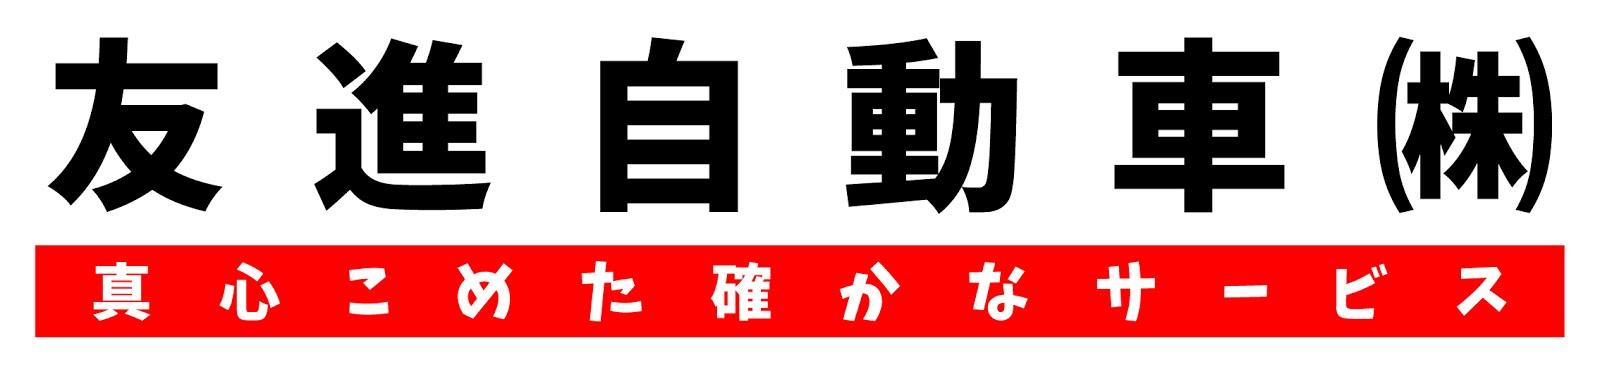 友進自動車のホームページ